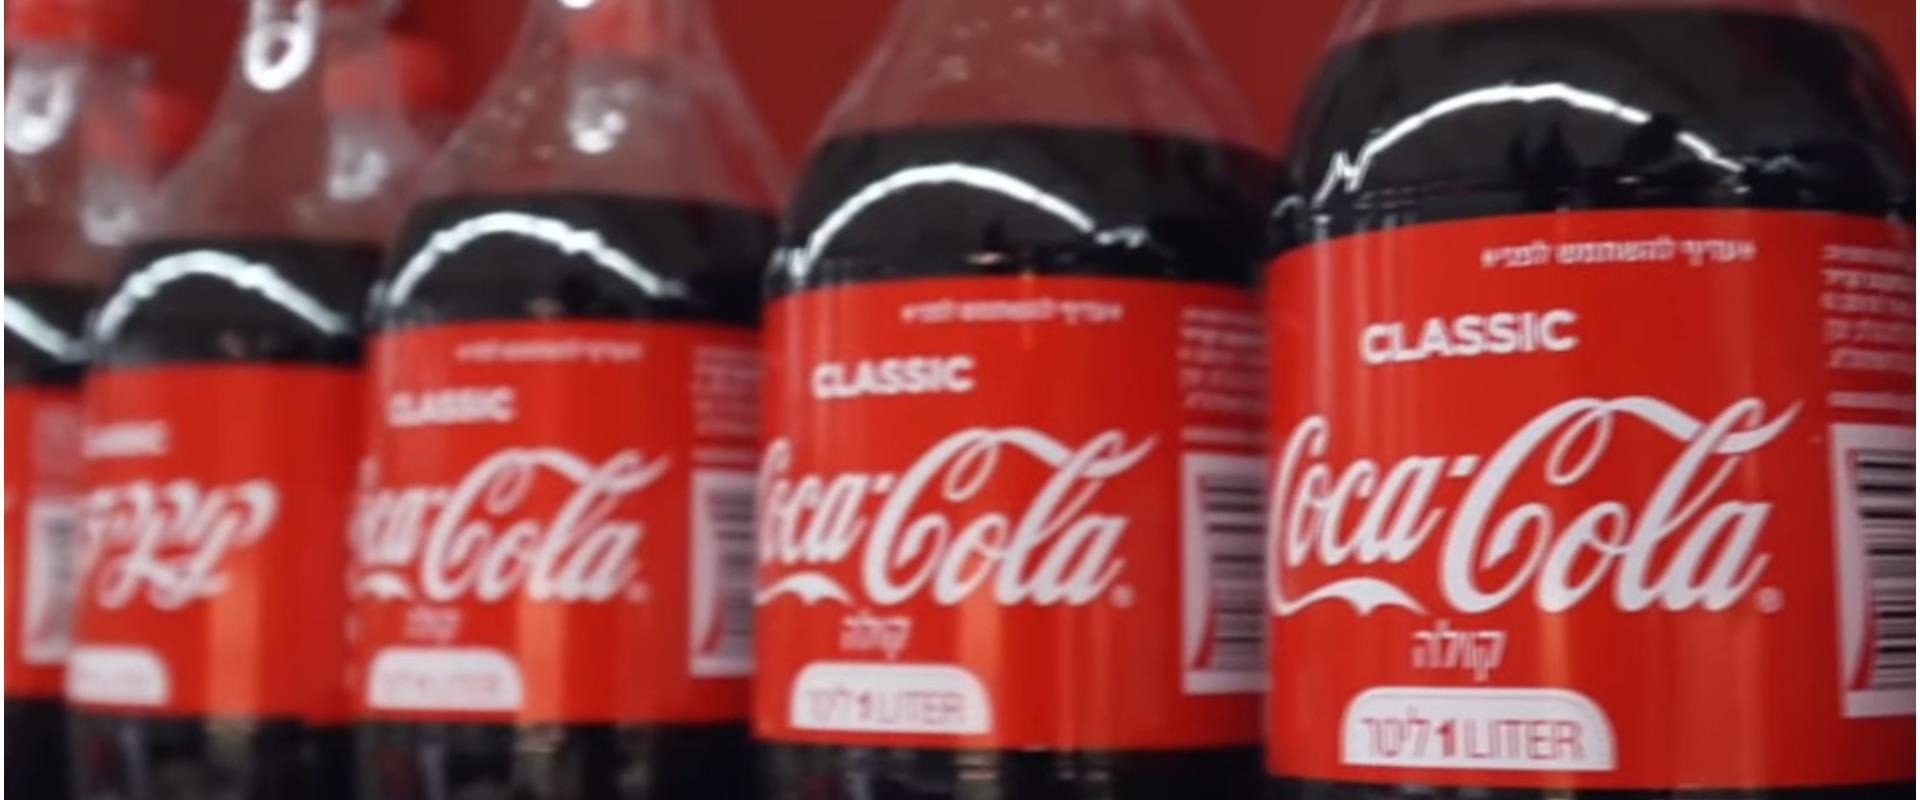 בקבוקי קוקה קולה